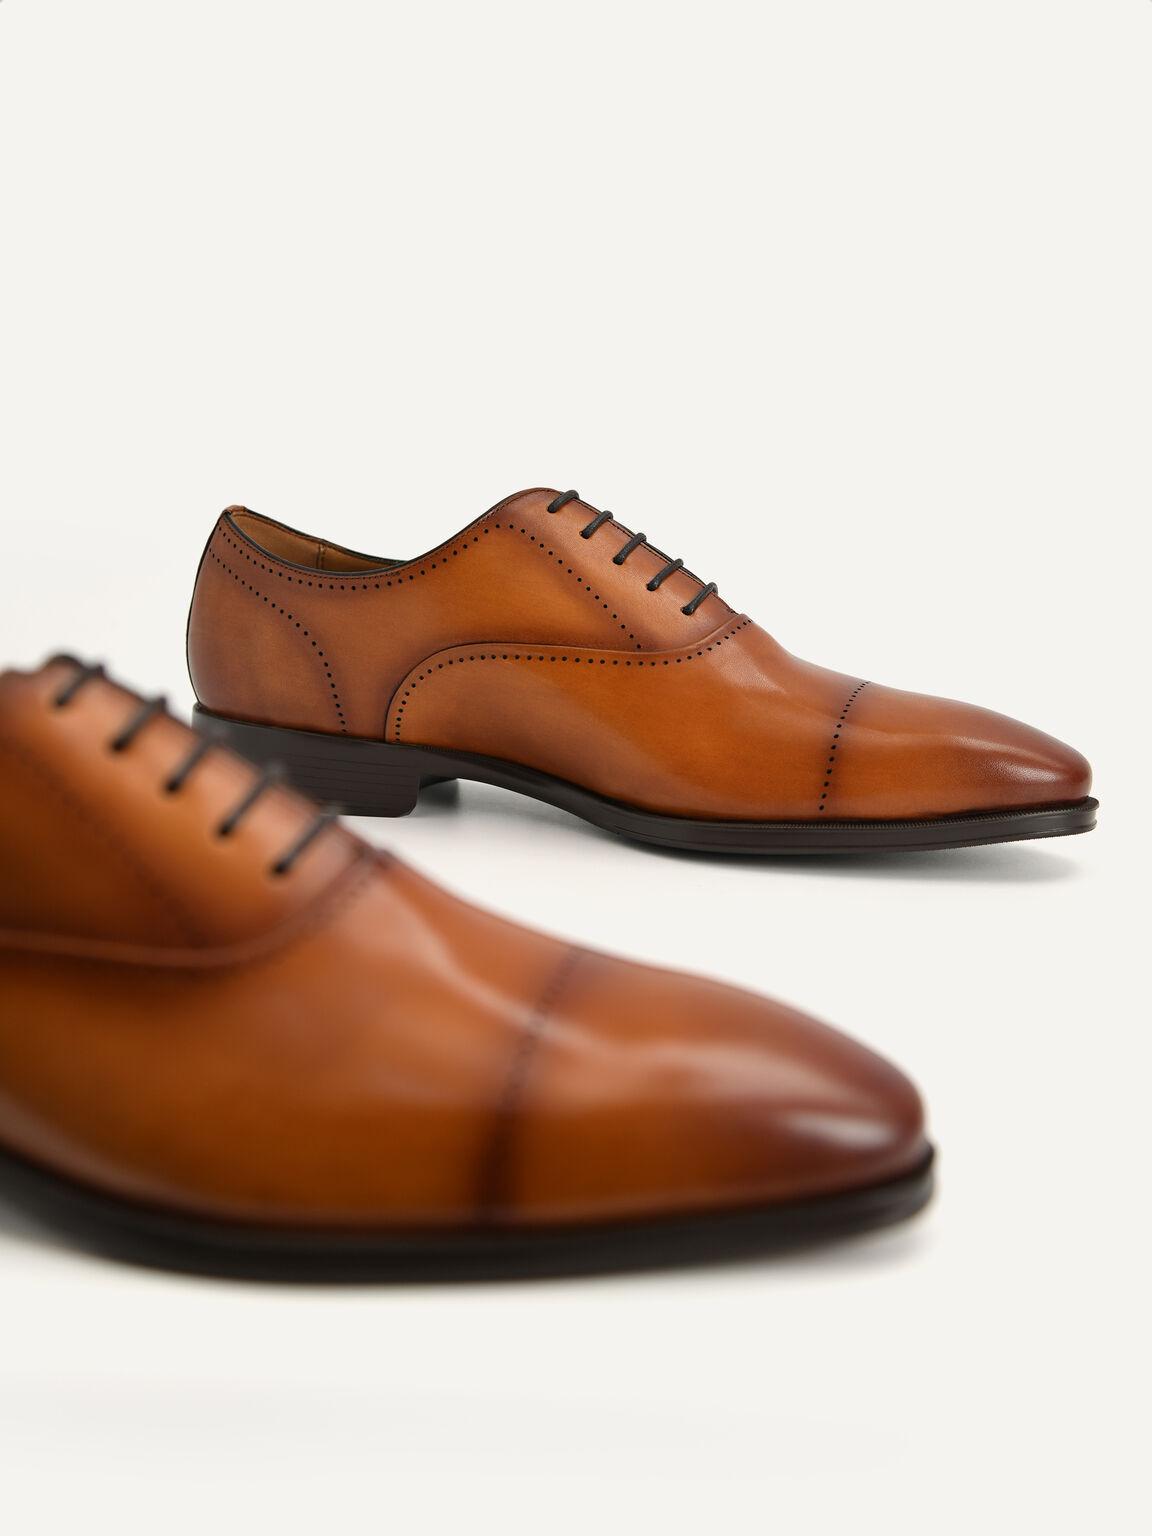 Leather Oxford Shoes, Cognac, hi-res